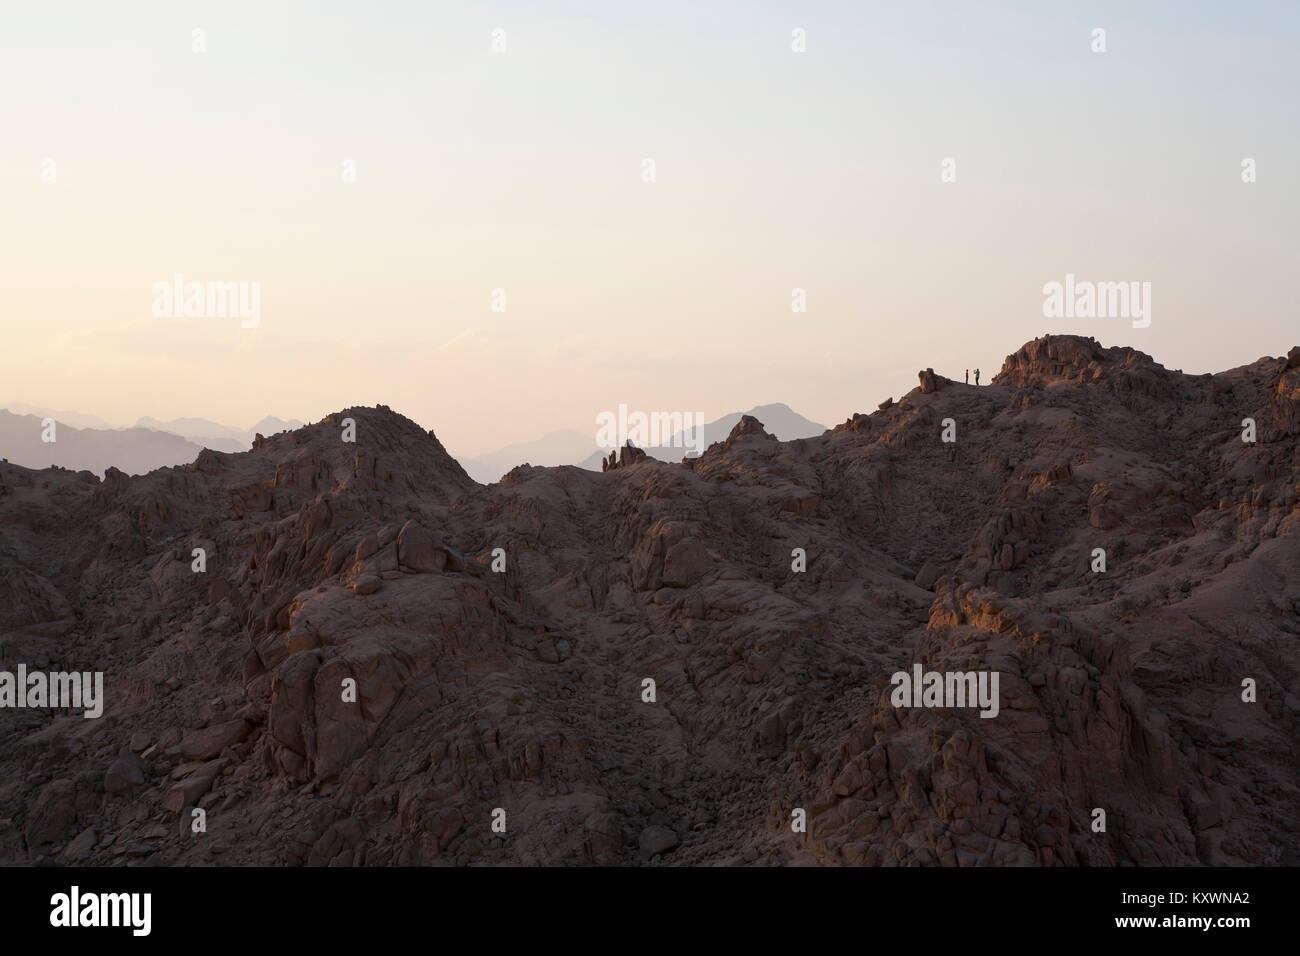 Deux personnes dans la distance debout au sommet d'une montagne dans la lumière du soir ayant une photo prise. Banque D'Images